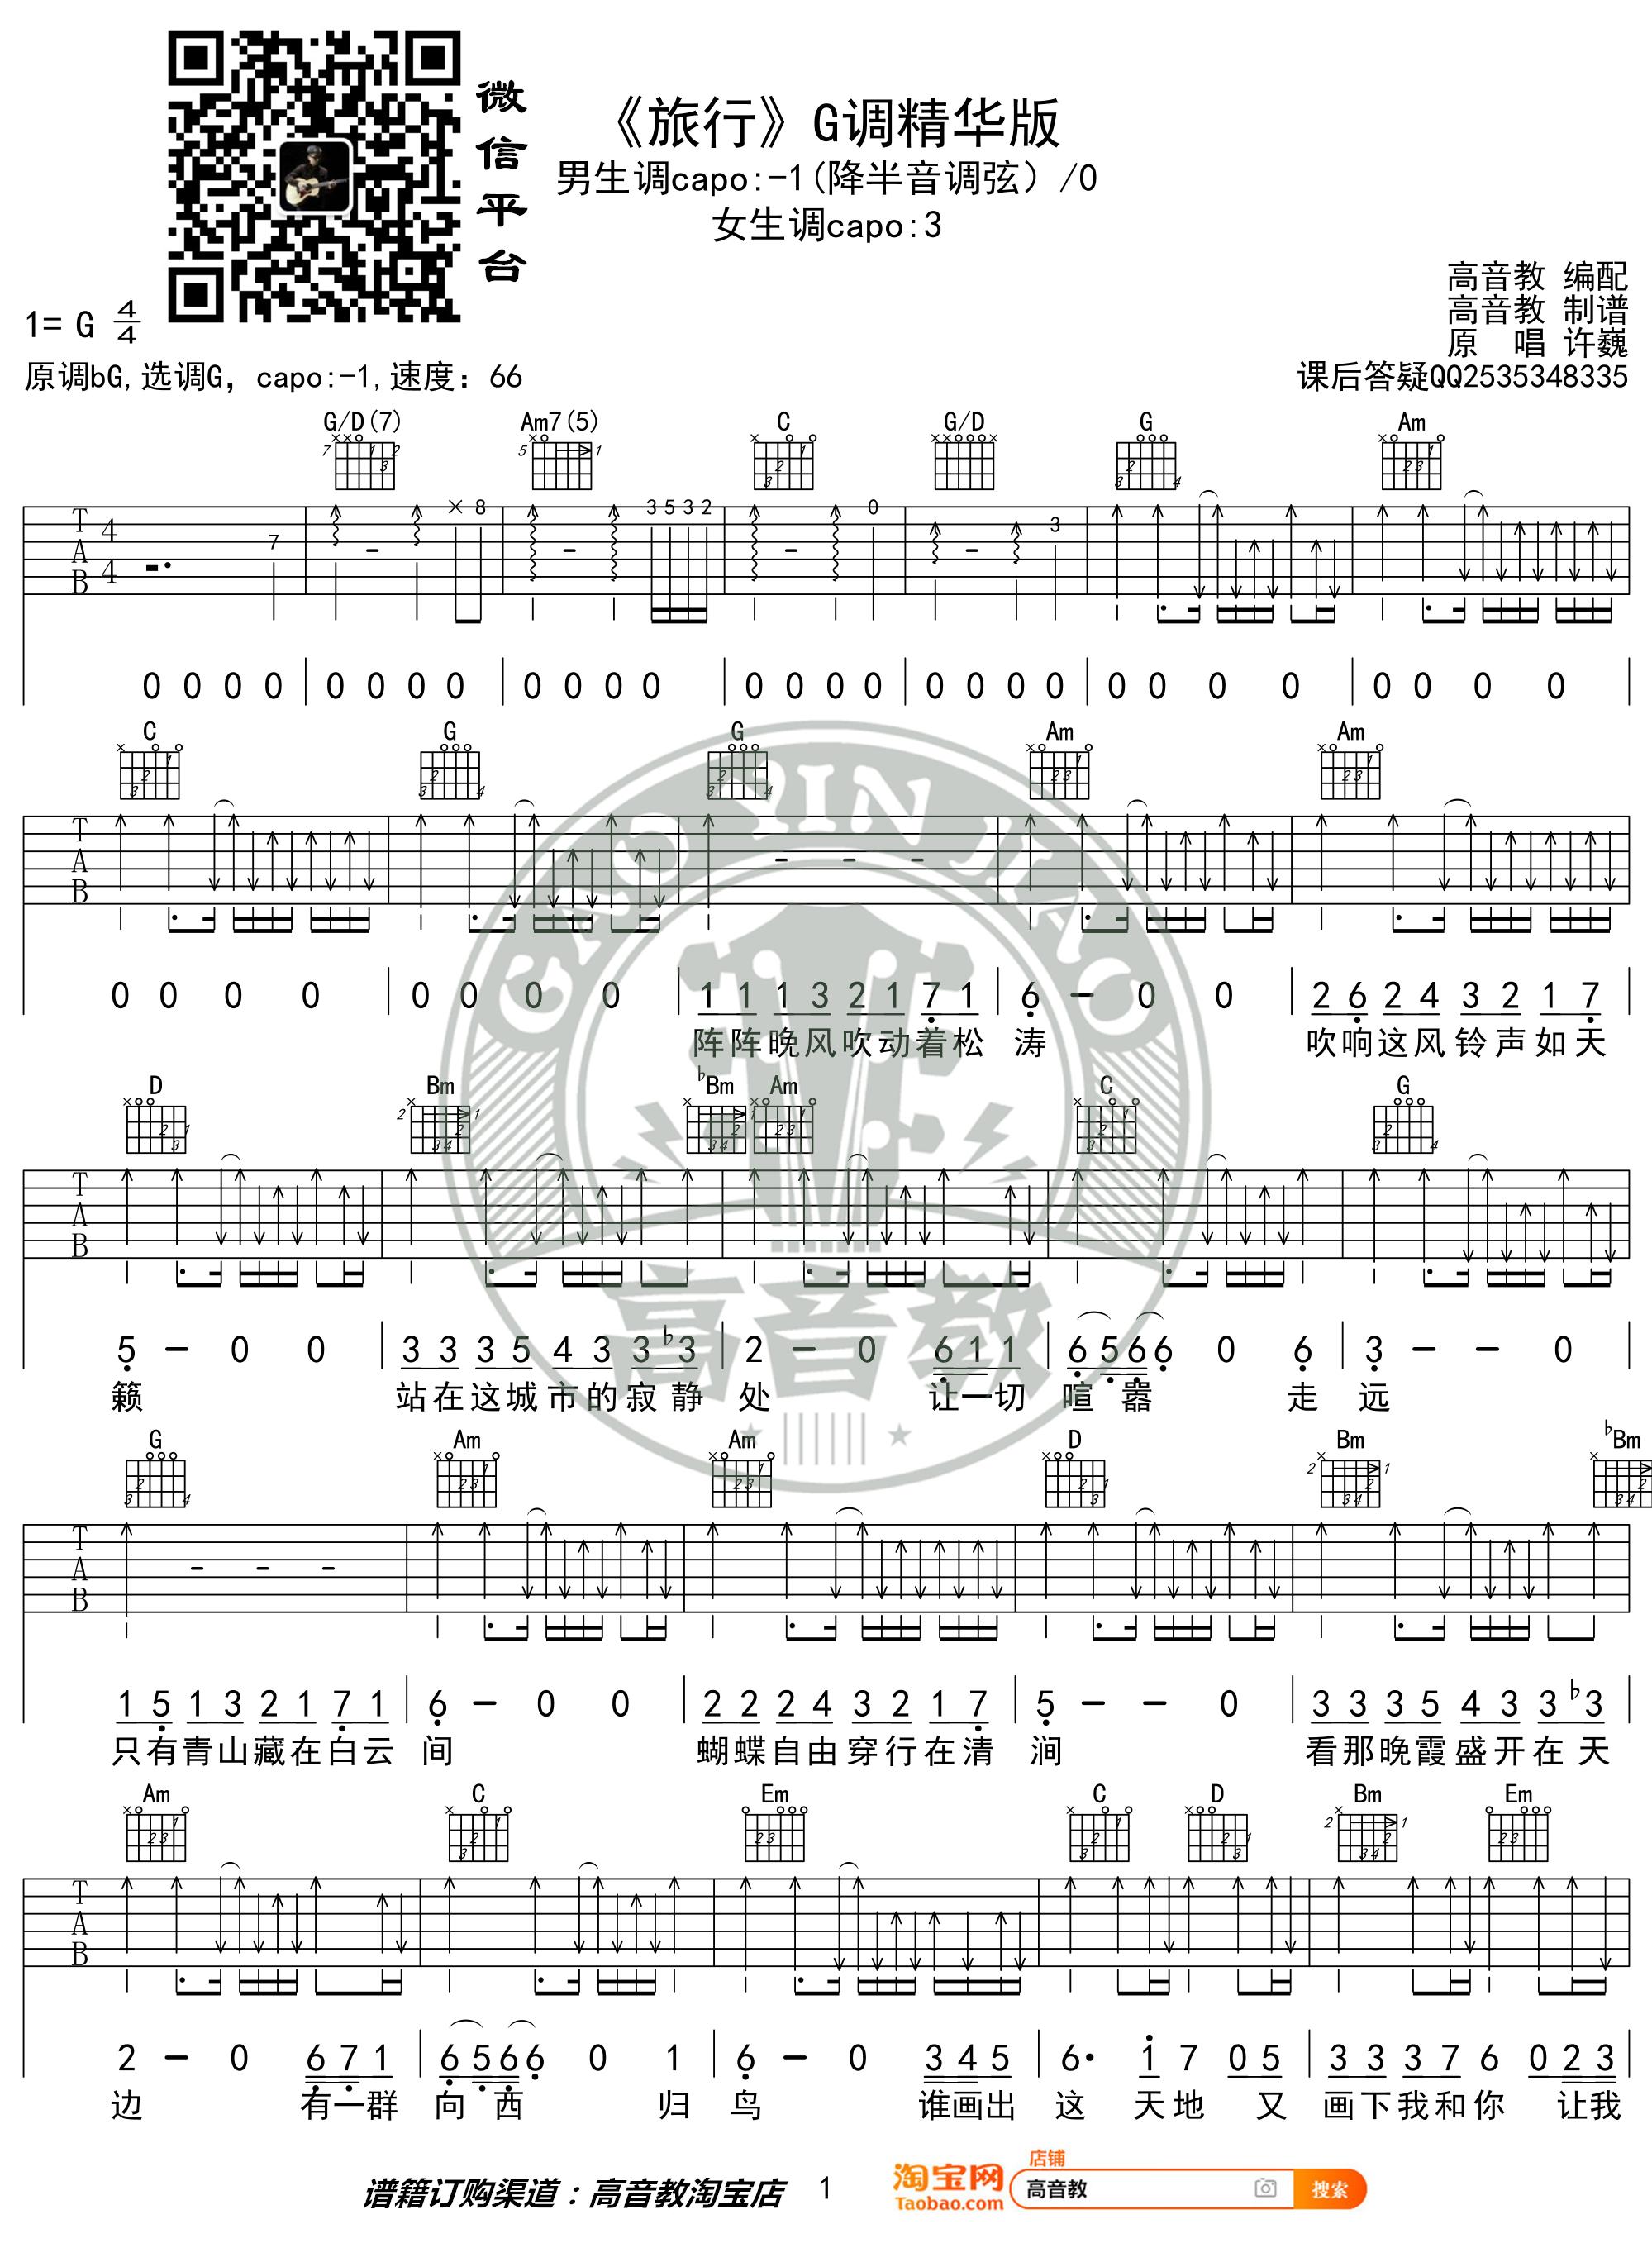 旅行吉他谱(图片谱,弹唱,G调,精华版)_许巍_《旅行》G调精华版01.jpg